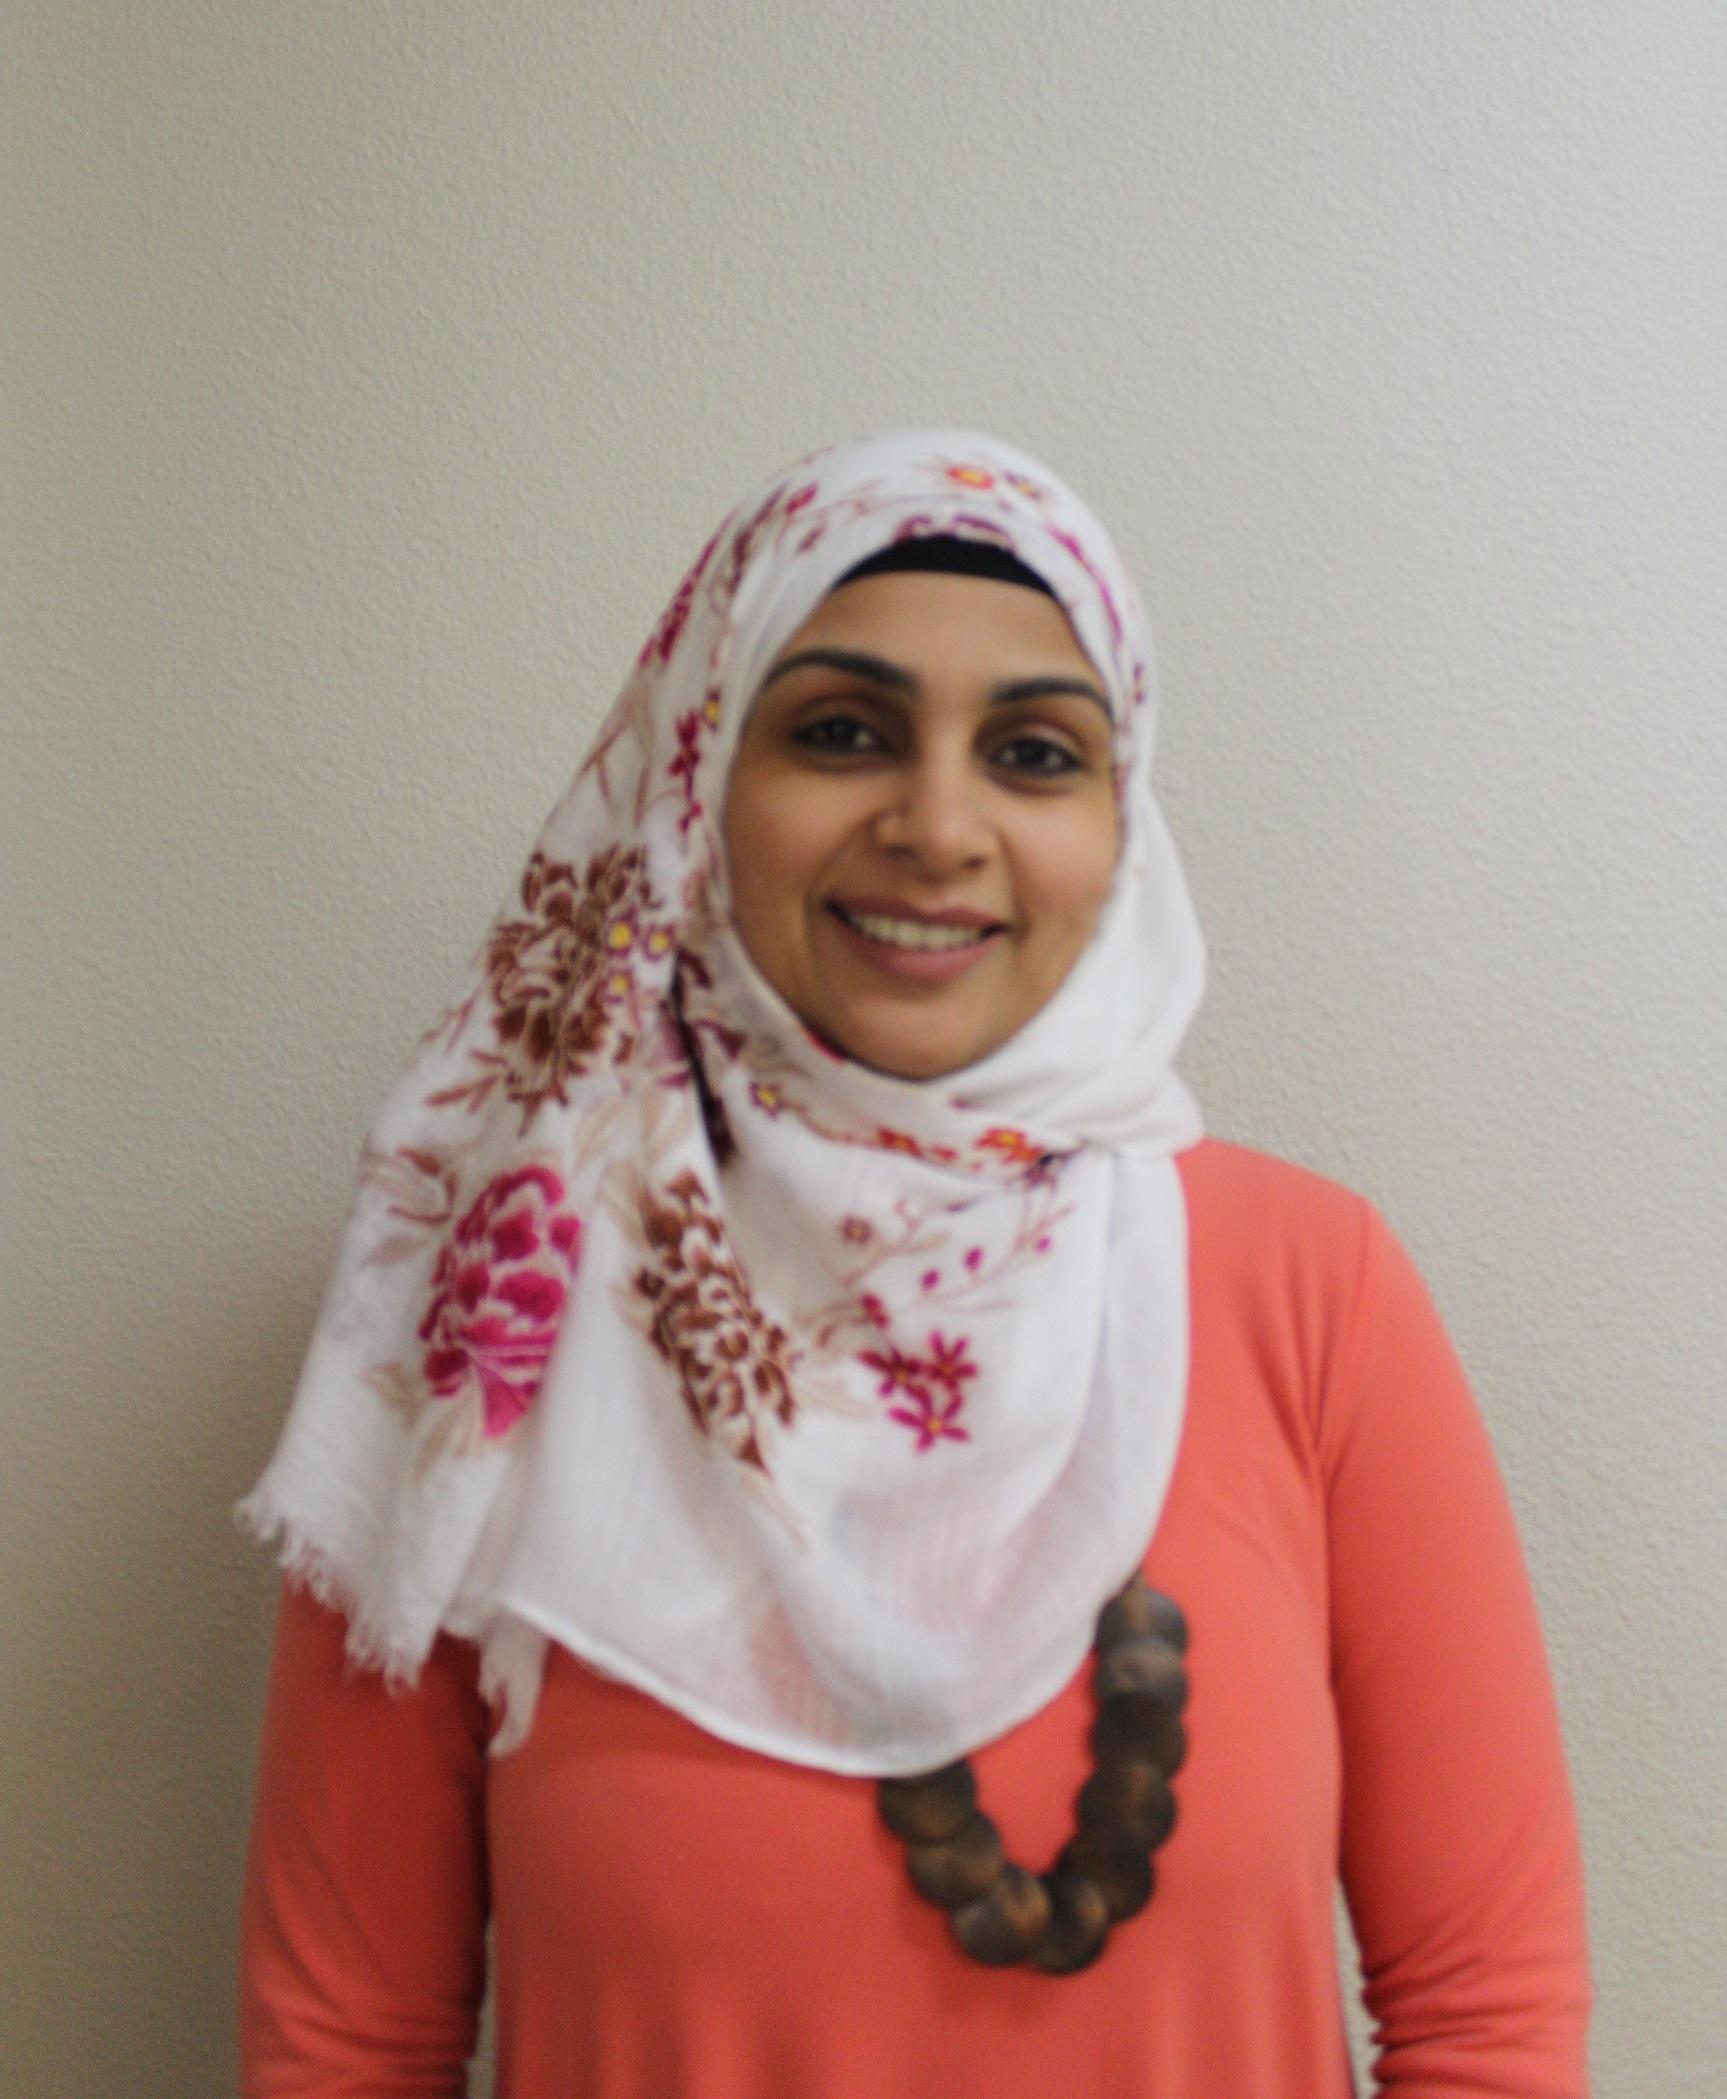 Doaa Ismail